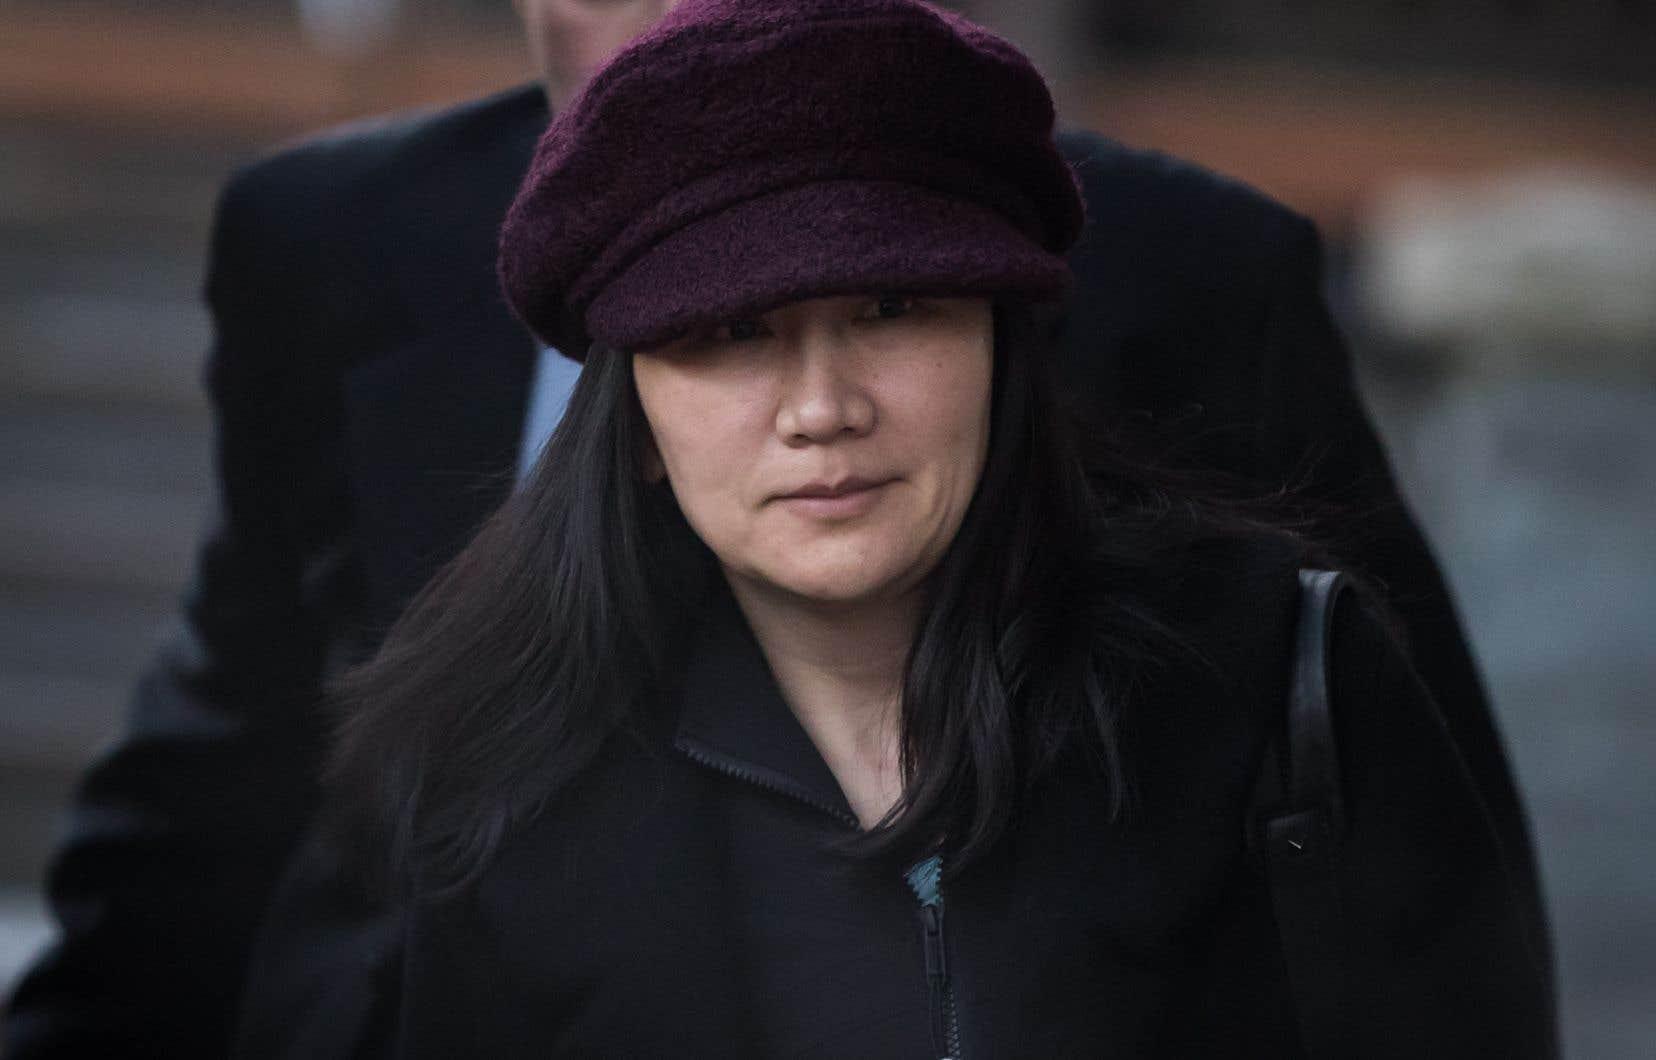 Meng Wanzhou a été arrêtée le 1er décembre à l'aéroport de Vancouver, à la demande des États-Unis, qui réclament son extradition afin de l'accuser de fraude, pour violation des sanctions économiques américaines contre l'Iran.